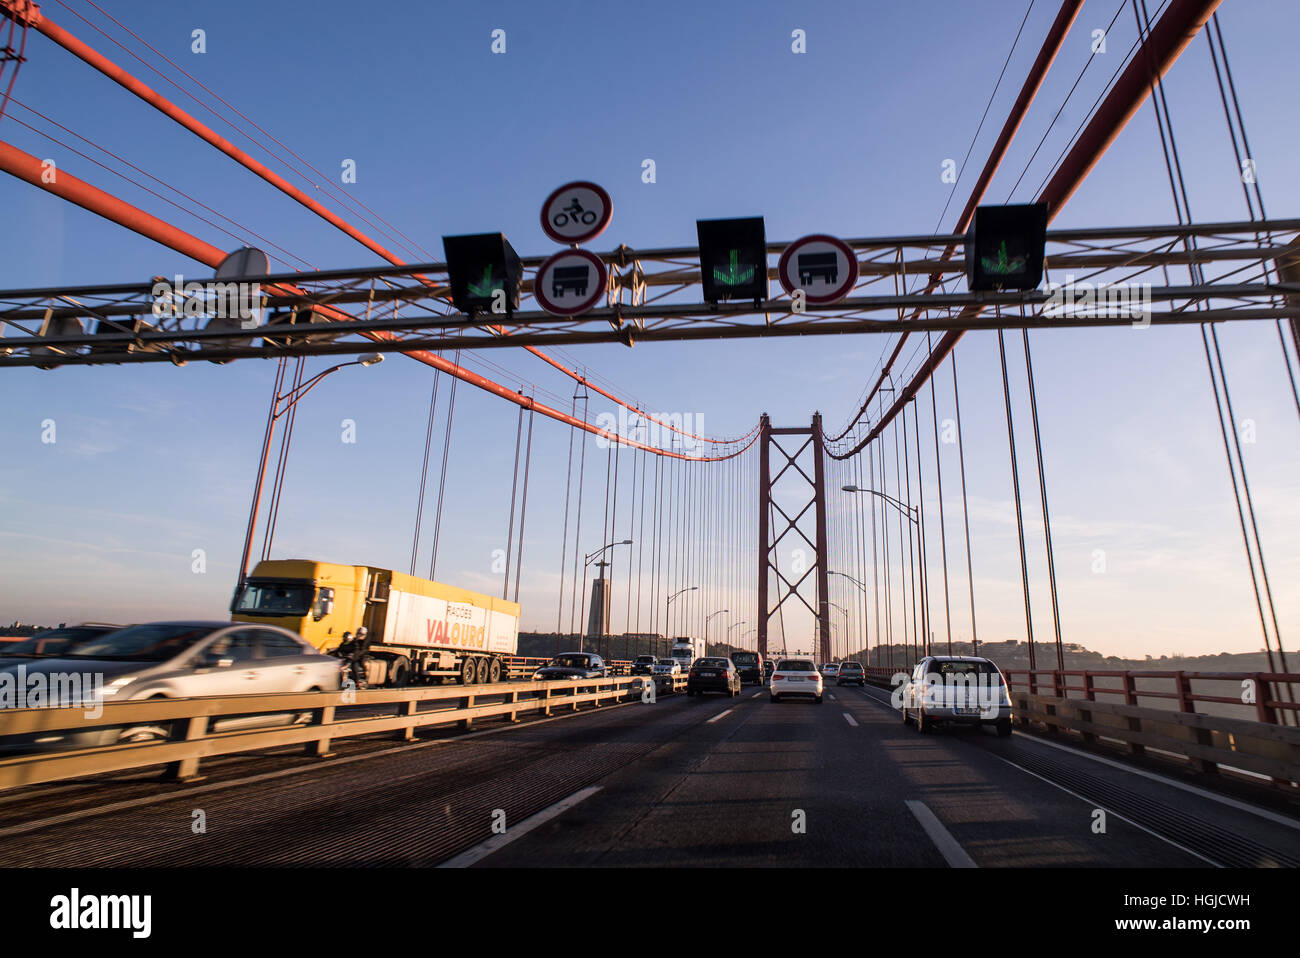 crossing the Ponte 25 de Abril bridge in Lisbon, Portugal Stock Photo